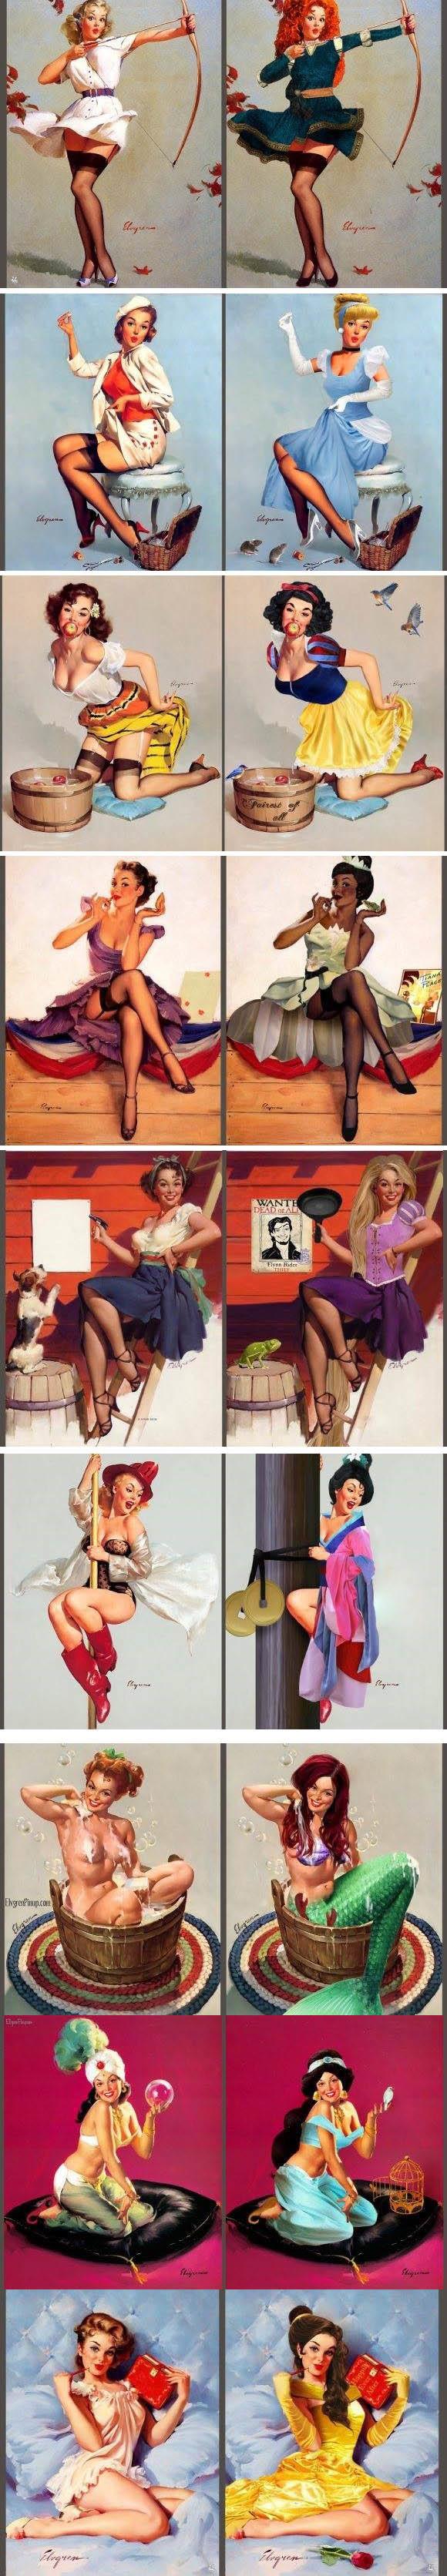 Meme_otros - Este artista convirtió a modelos pin-up en princesas Disney y el resultado es TOP